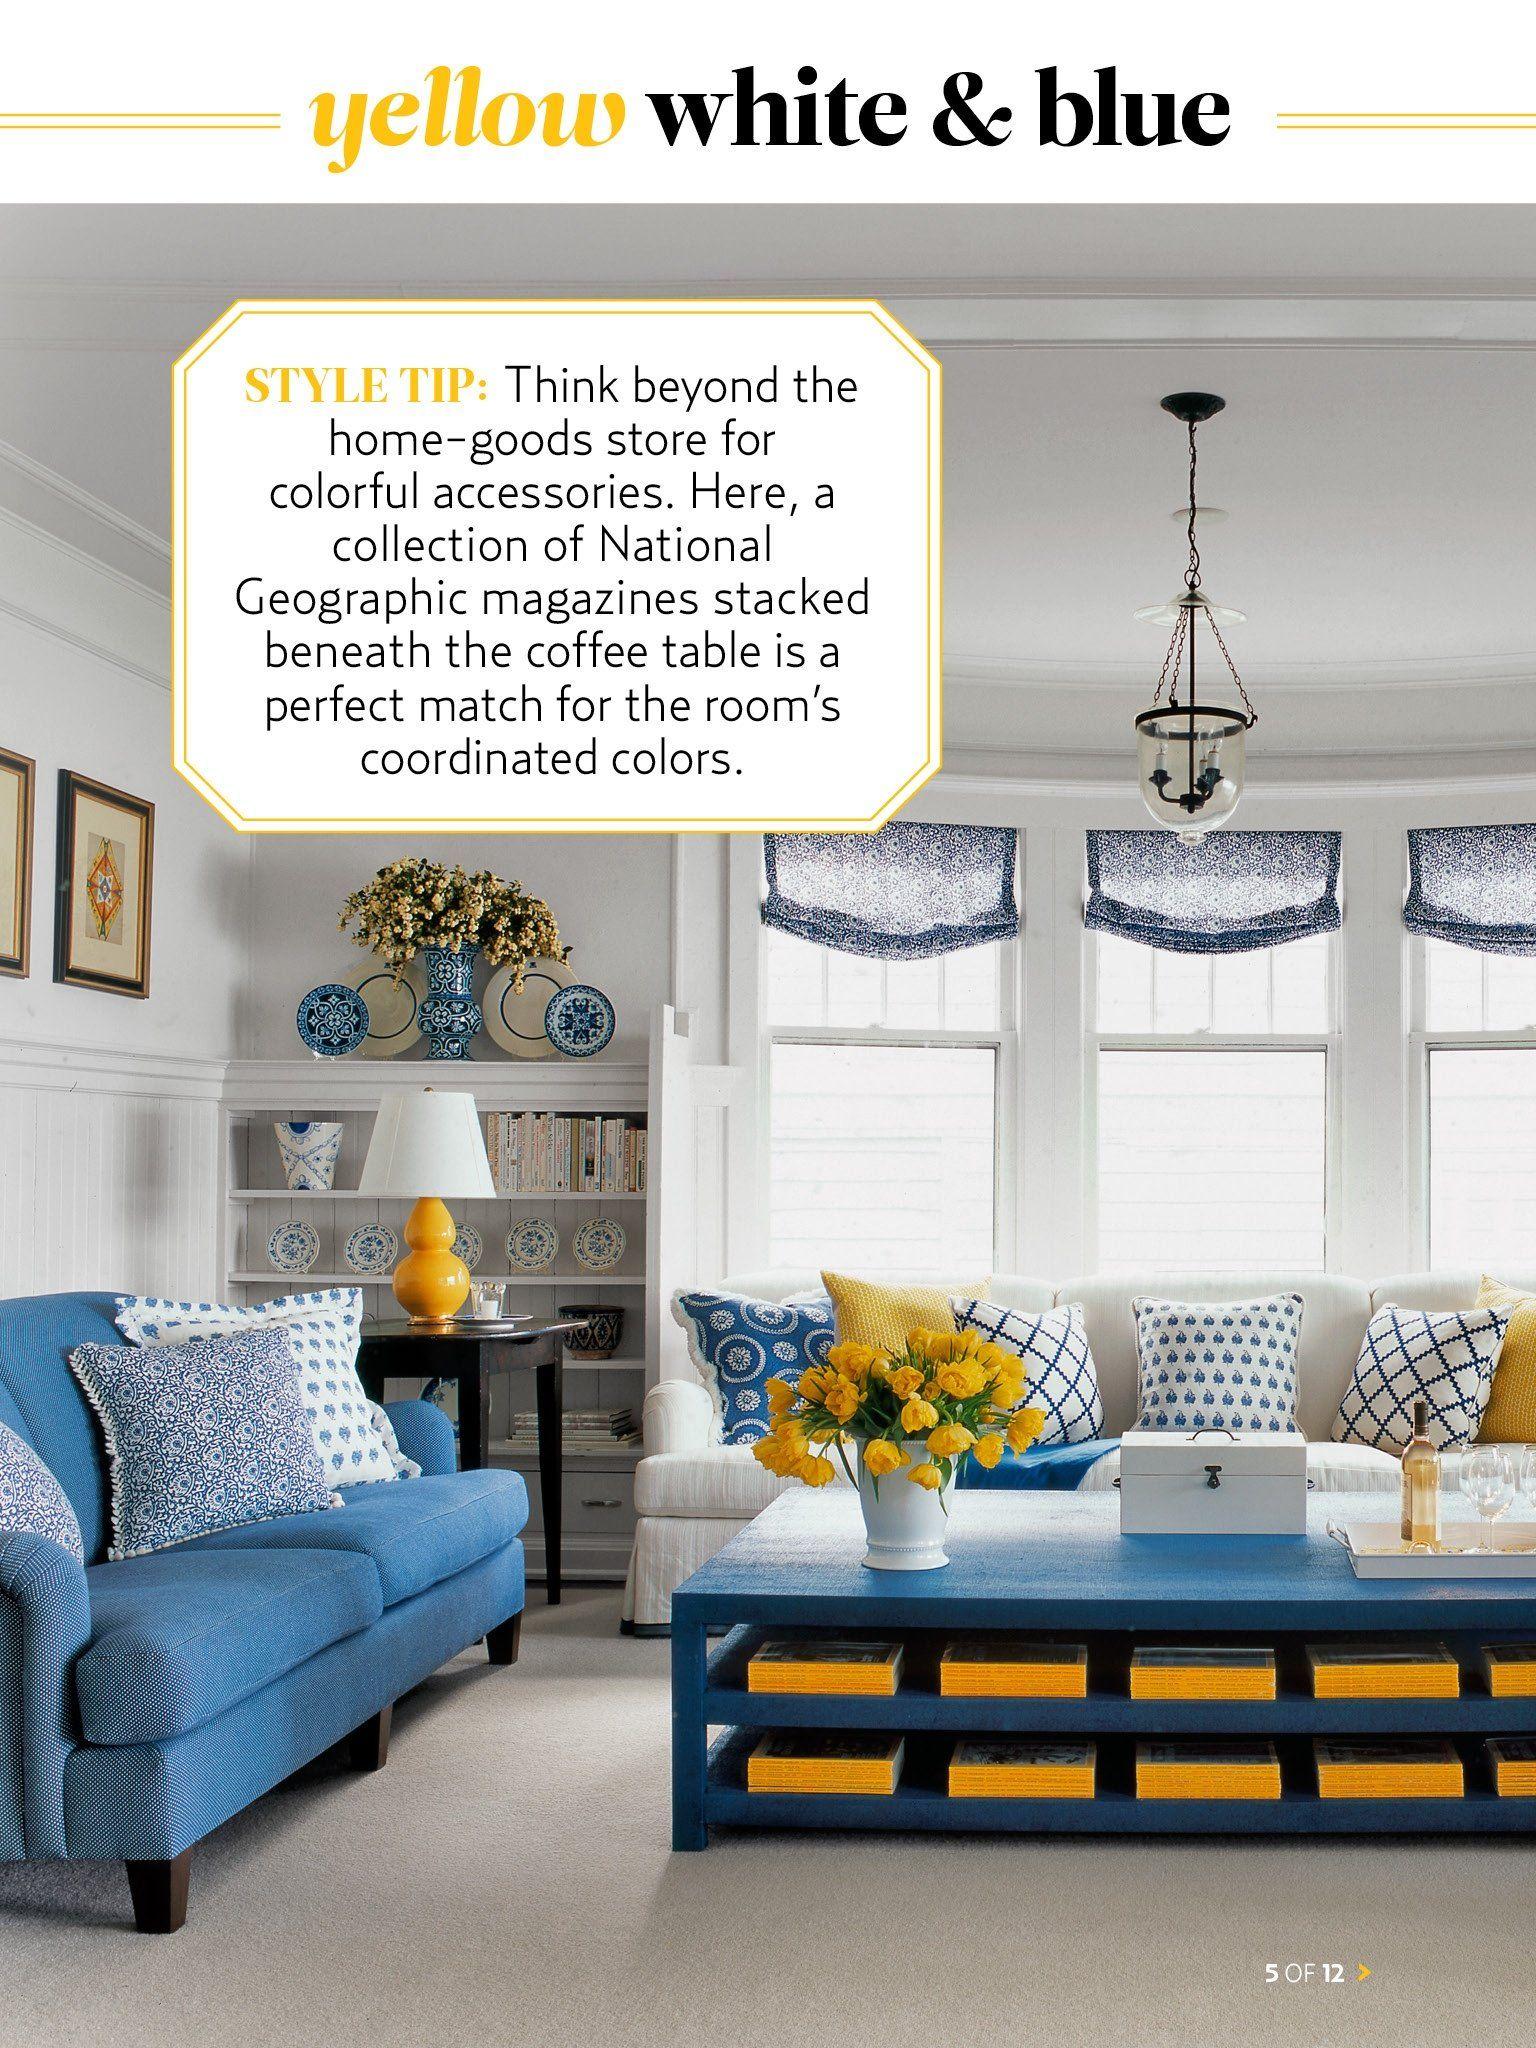 White And Blue Living Room Designer Tom Stringer Calls The